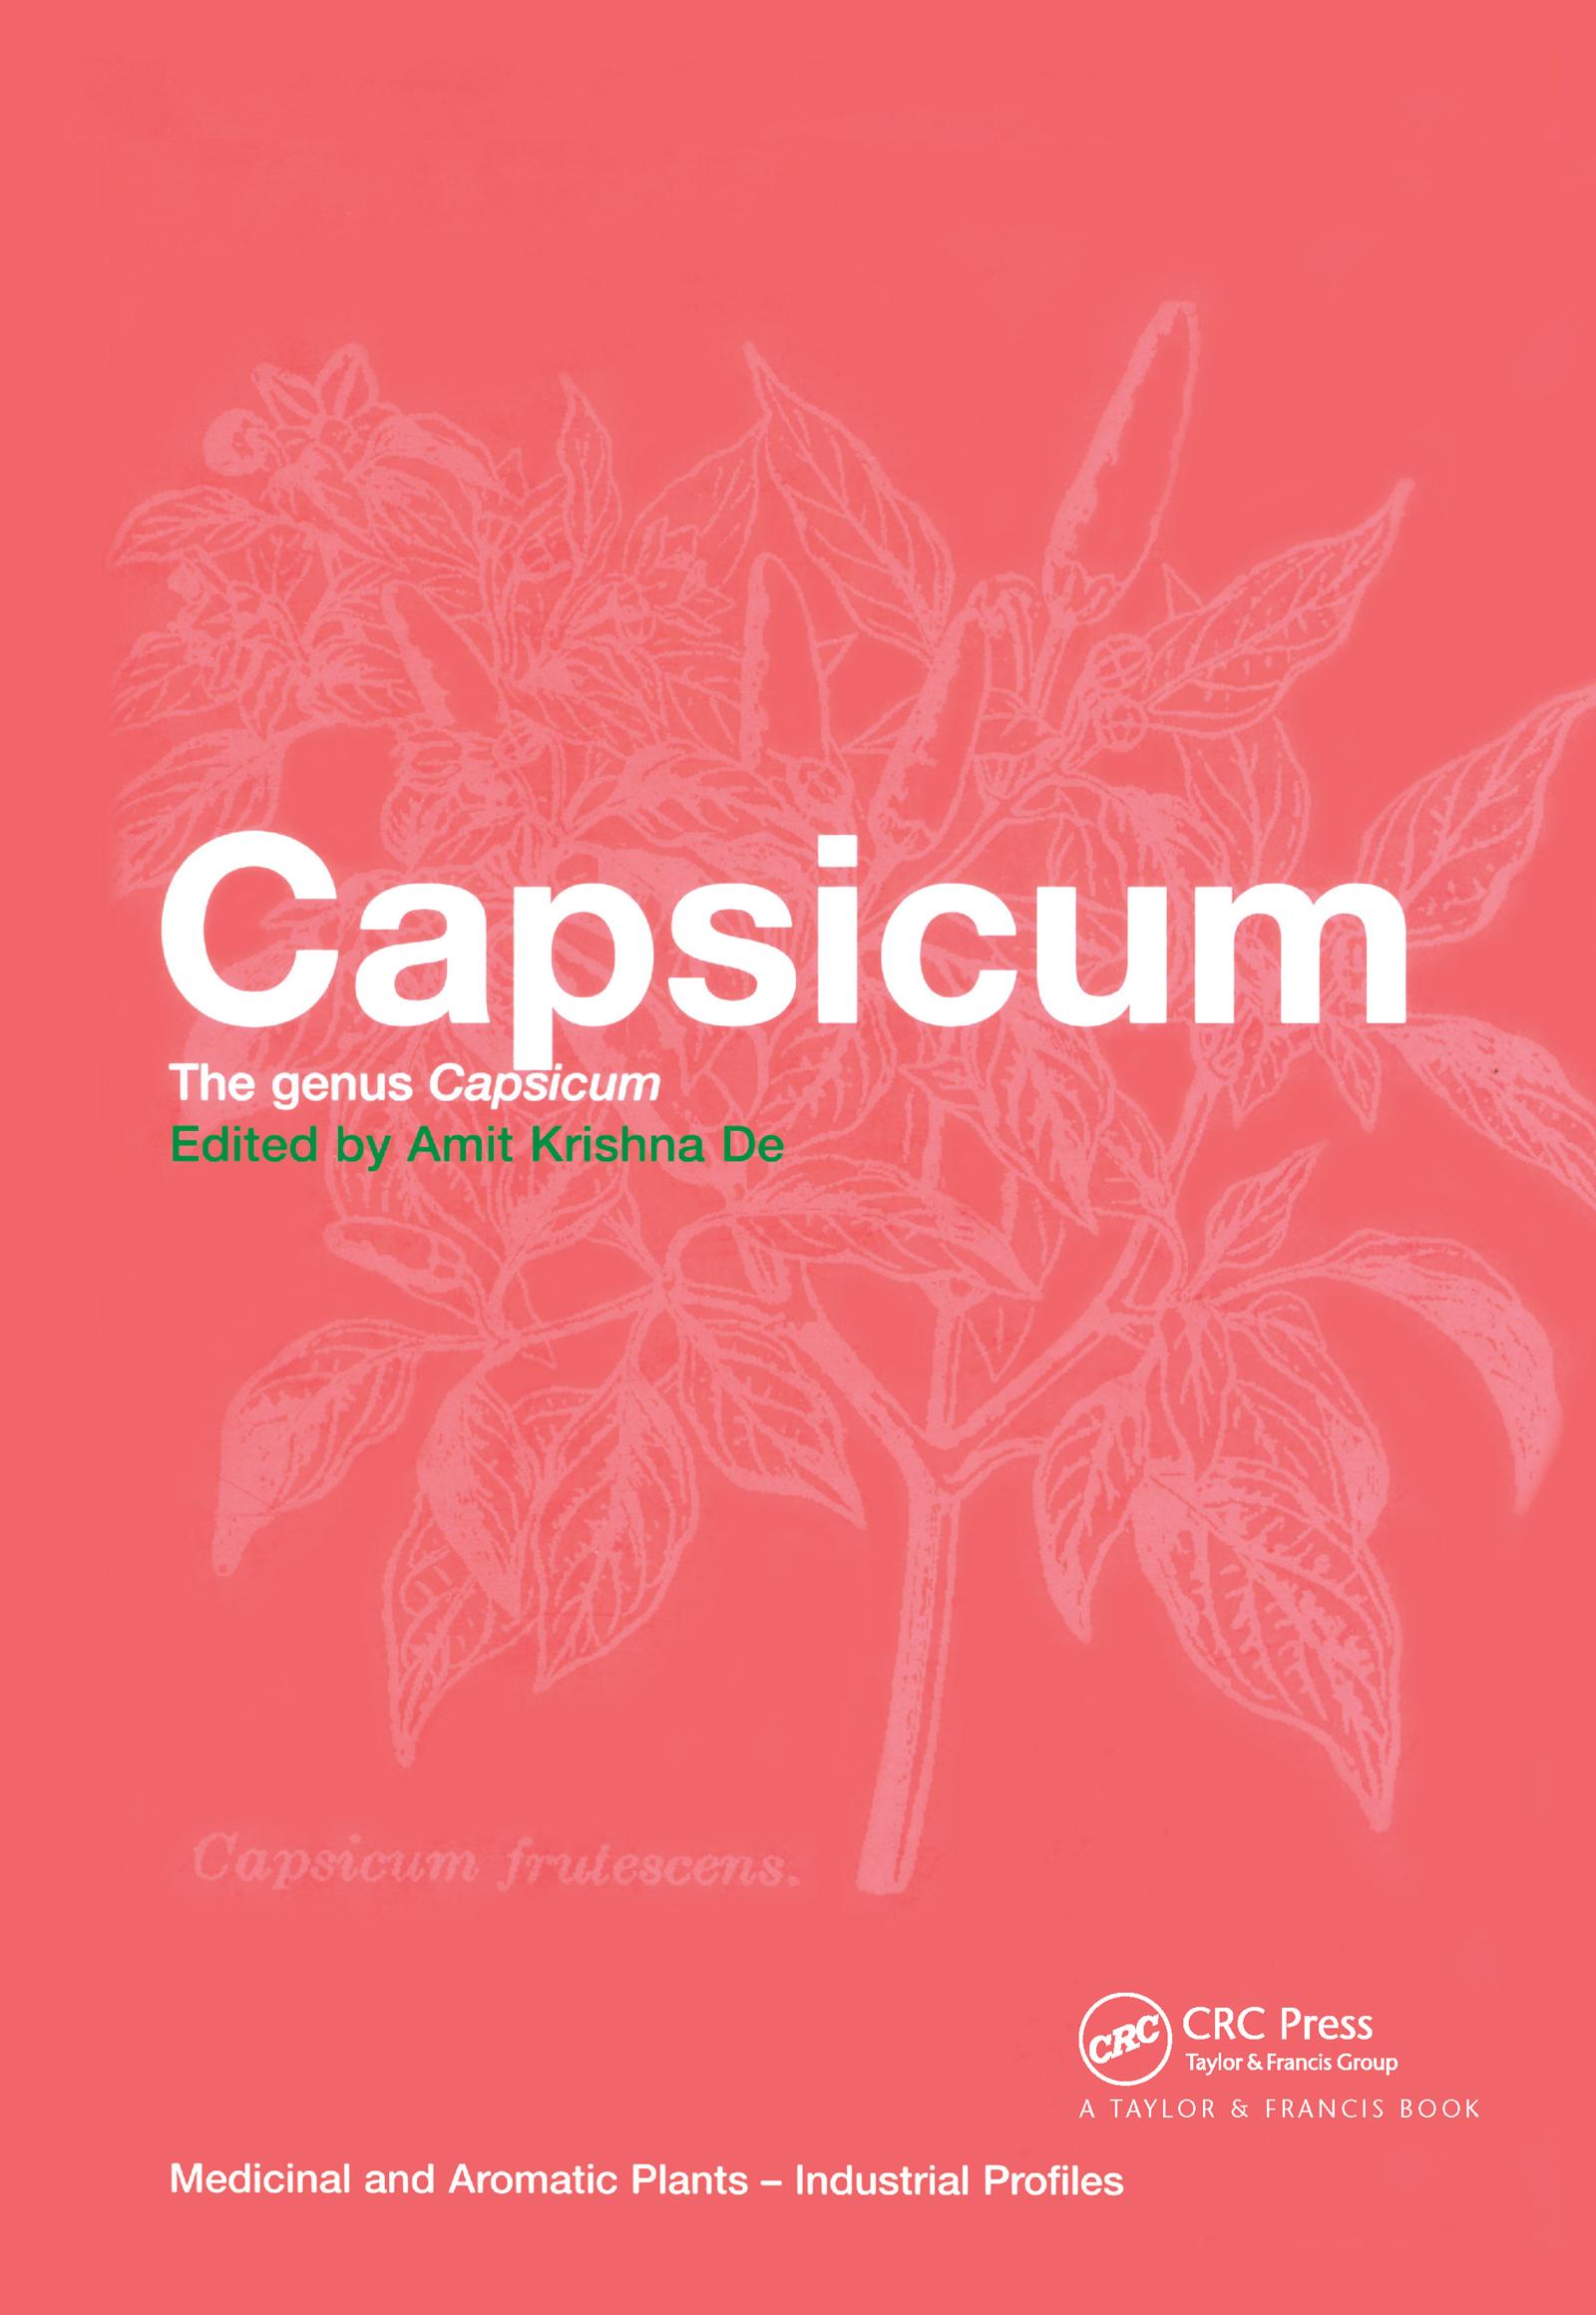 Capsicum: The genus Capsicum book cover